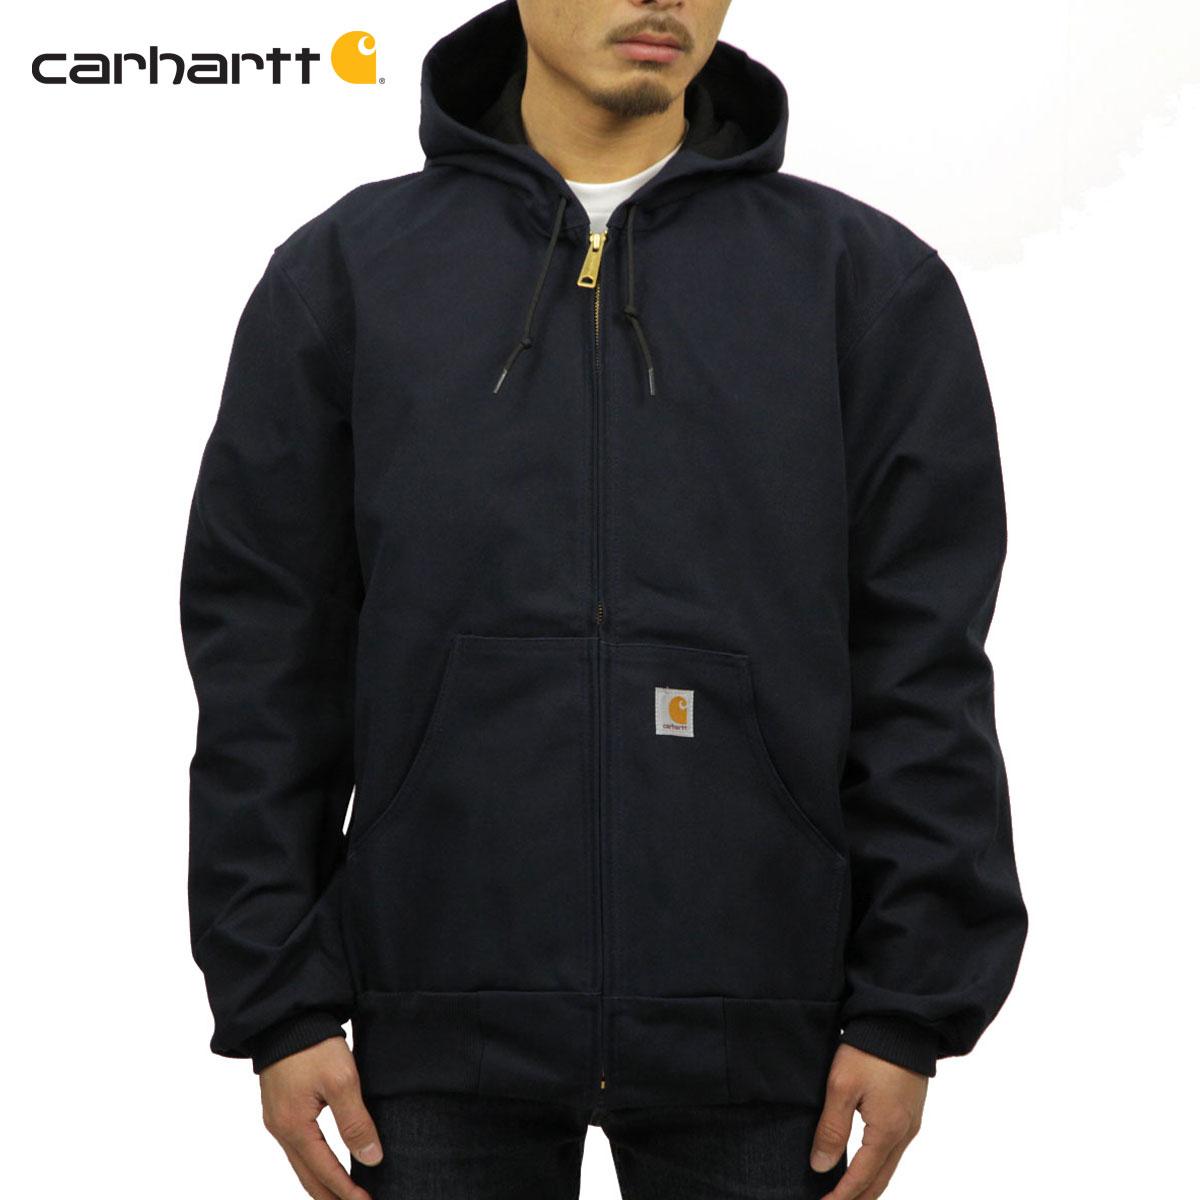 カーハート CARHARTT 正規品 メンズ アウタージャケット THERMAL-LINED DUCK ACTIVE JACKET J131 - DNY DARK NAVY